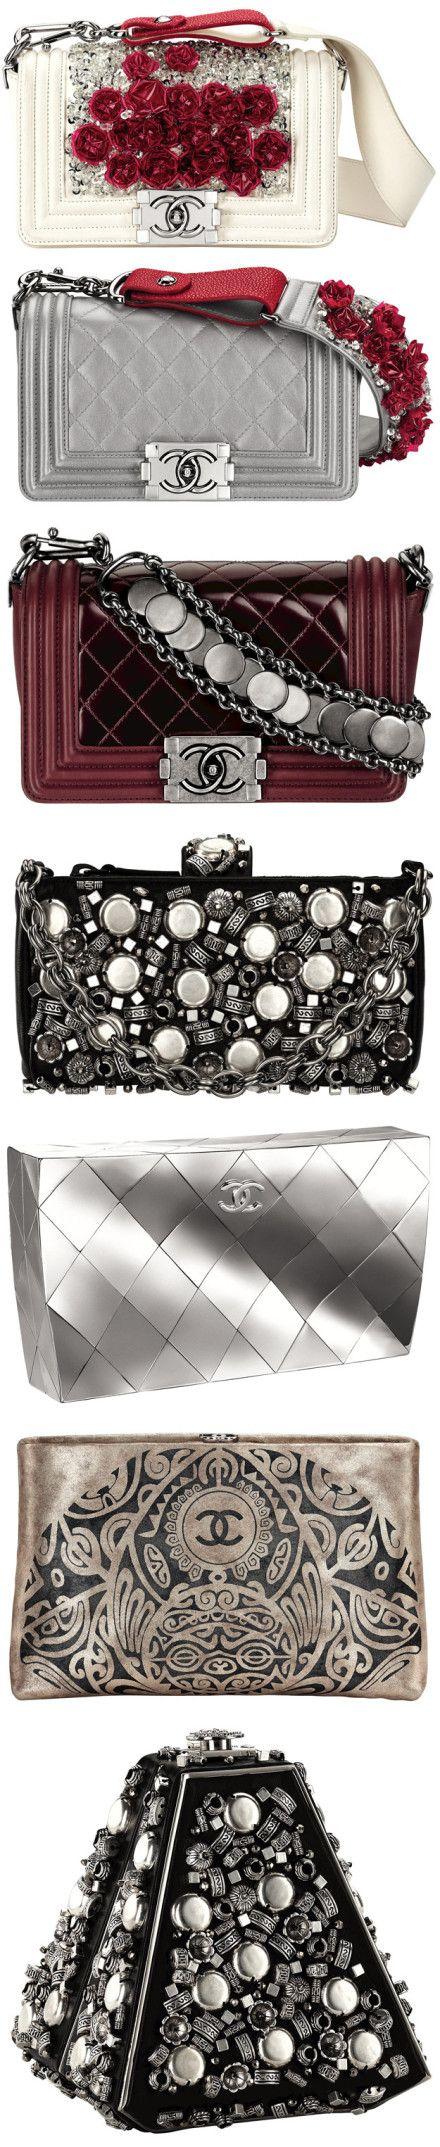 Chanel!!!